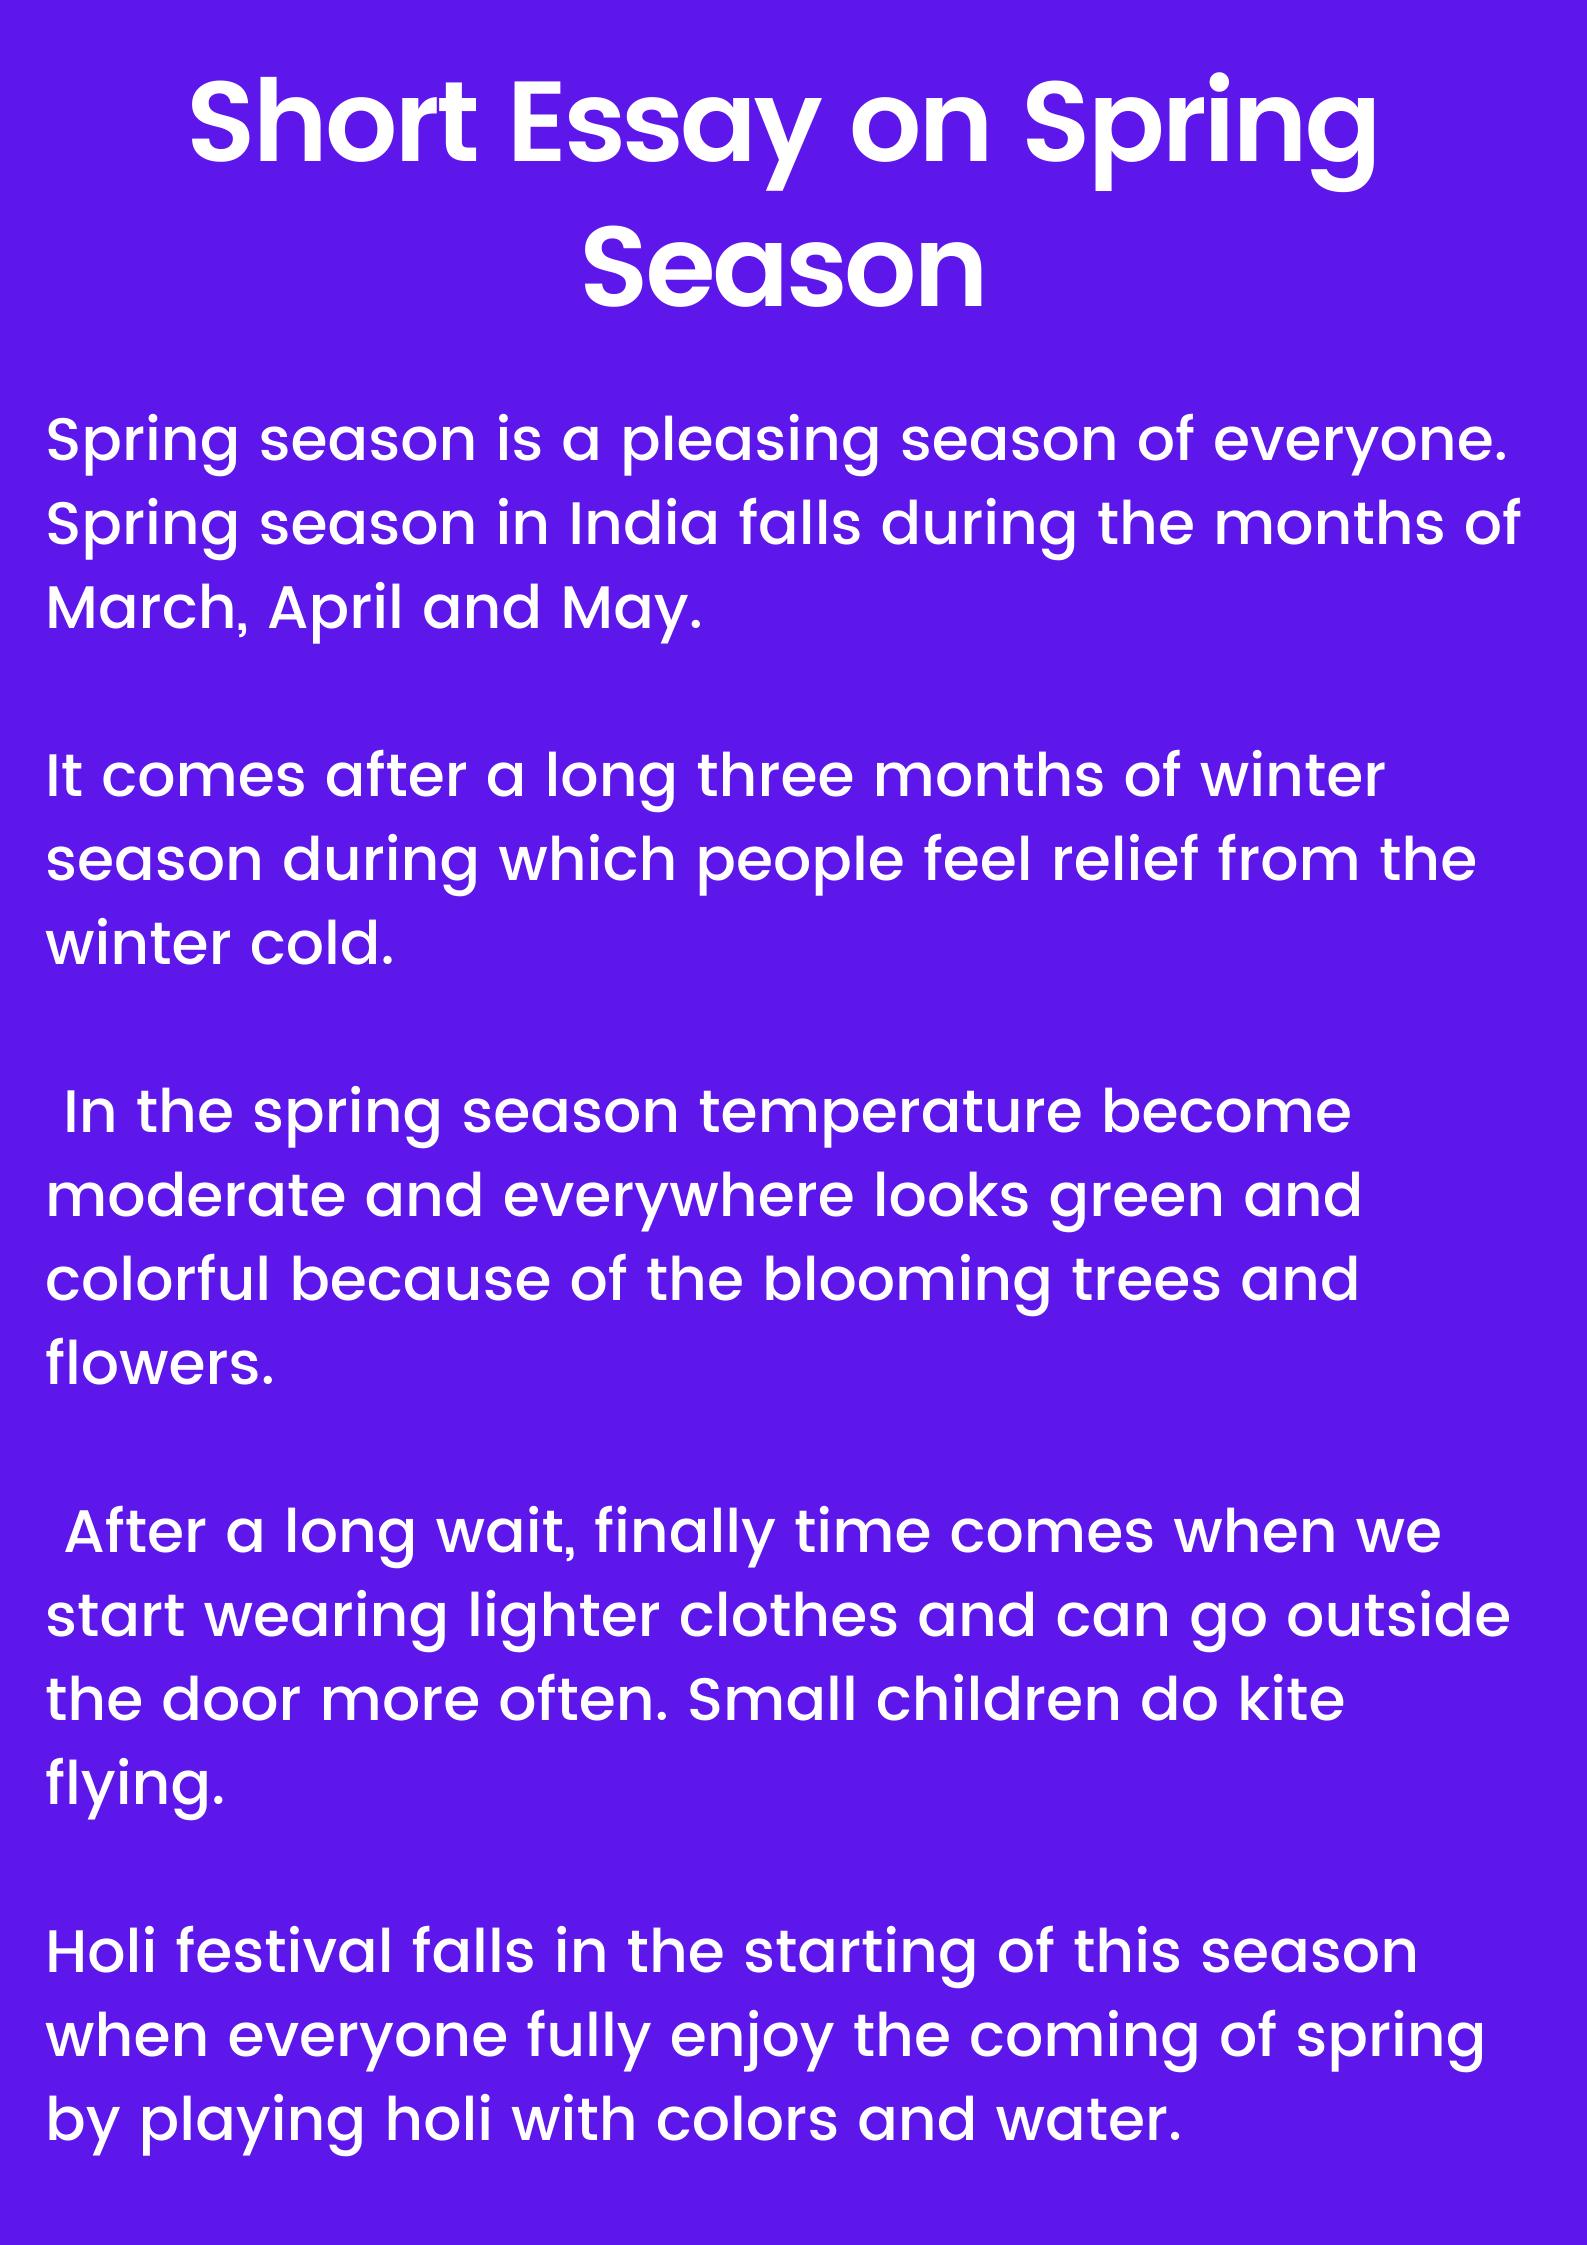 Short essay on spring season